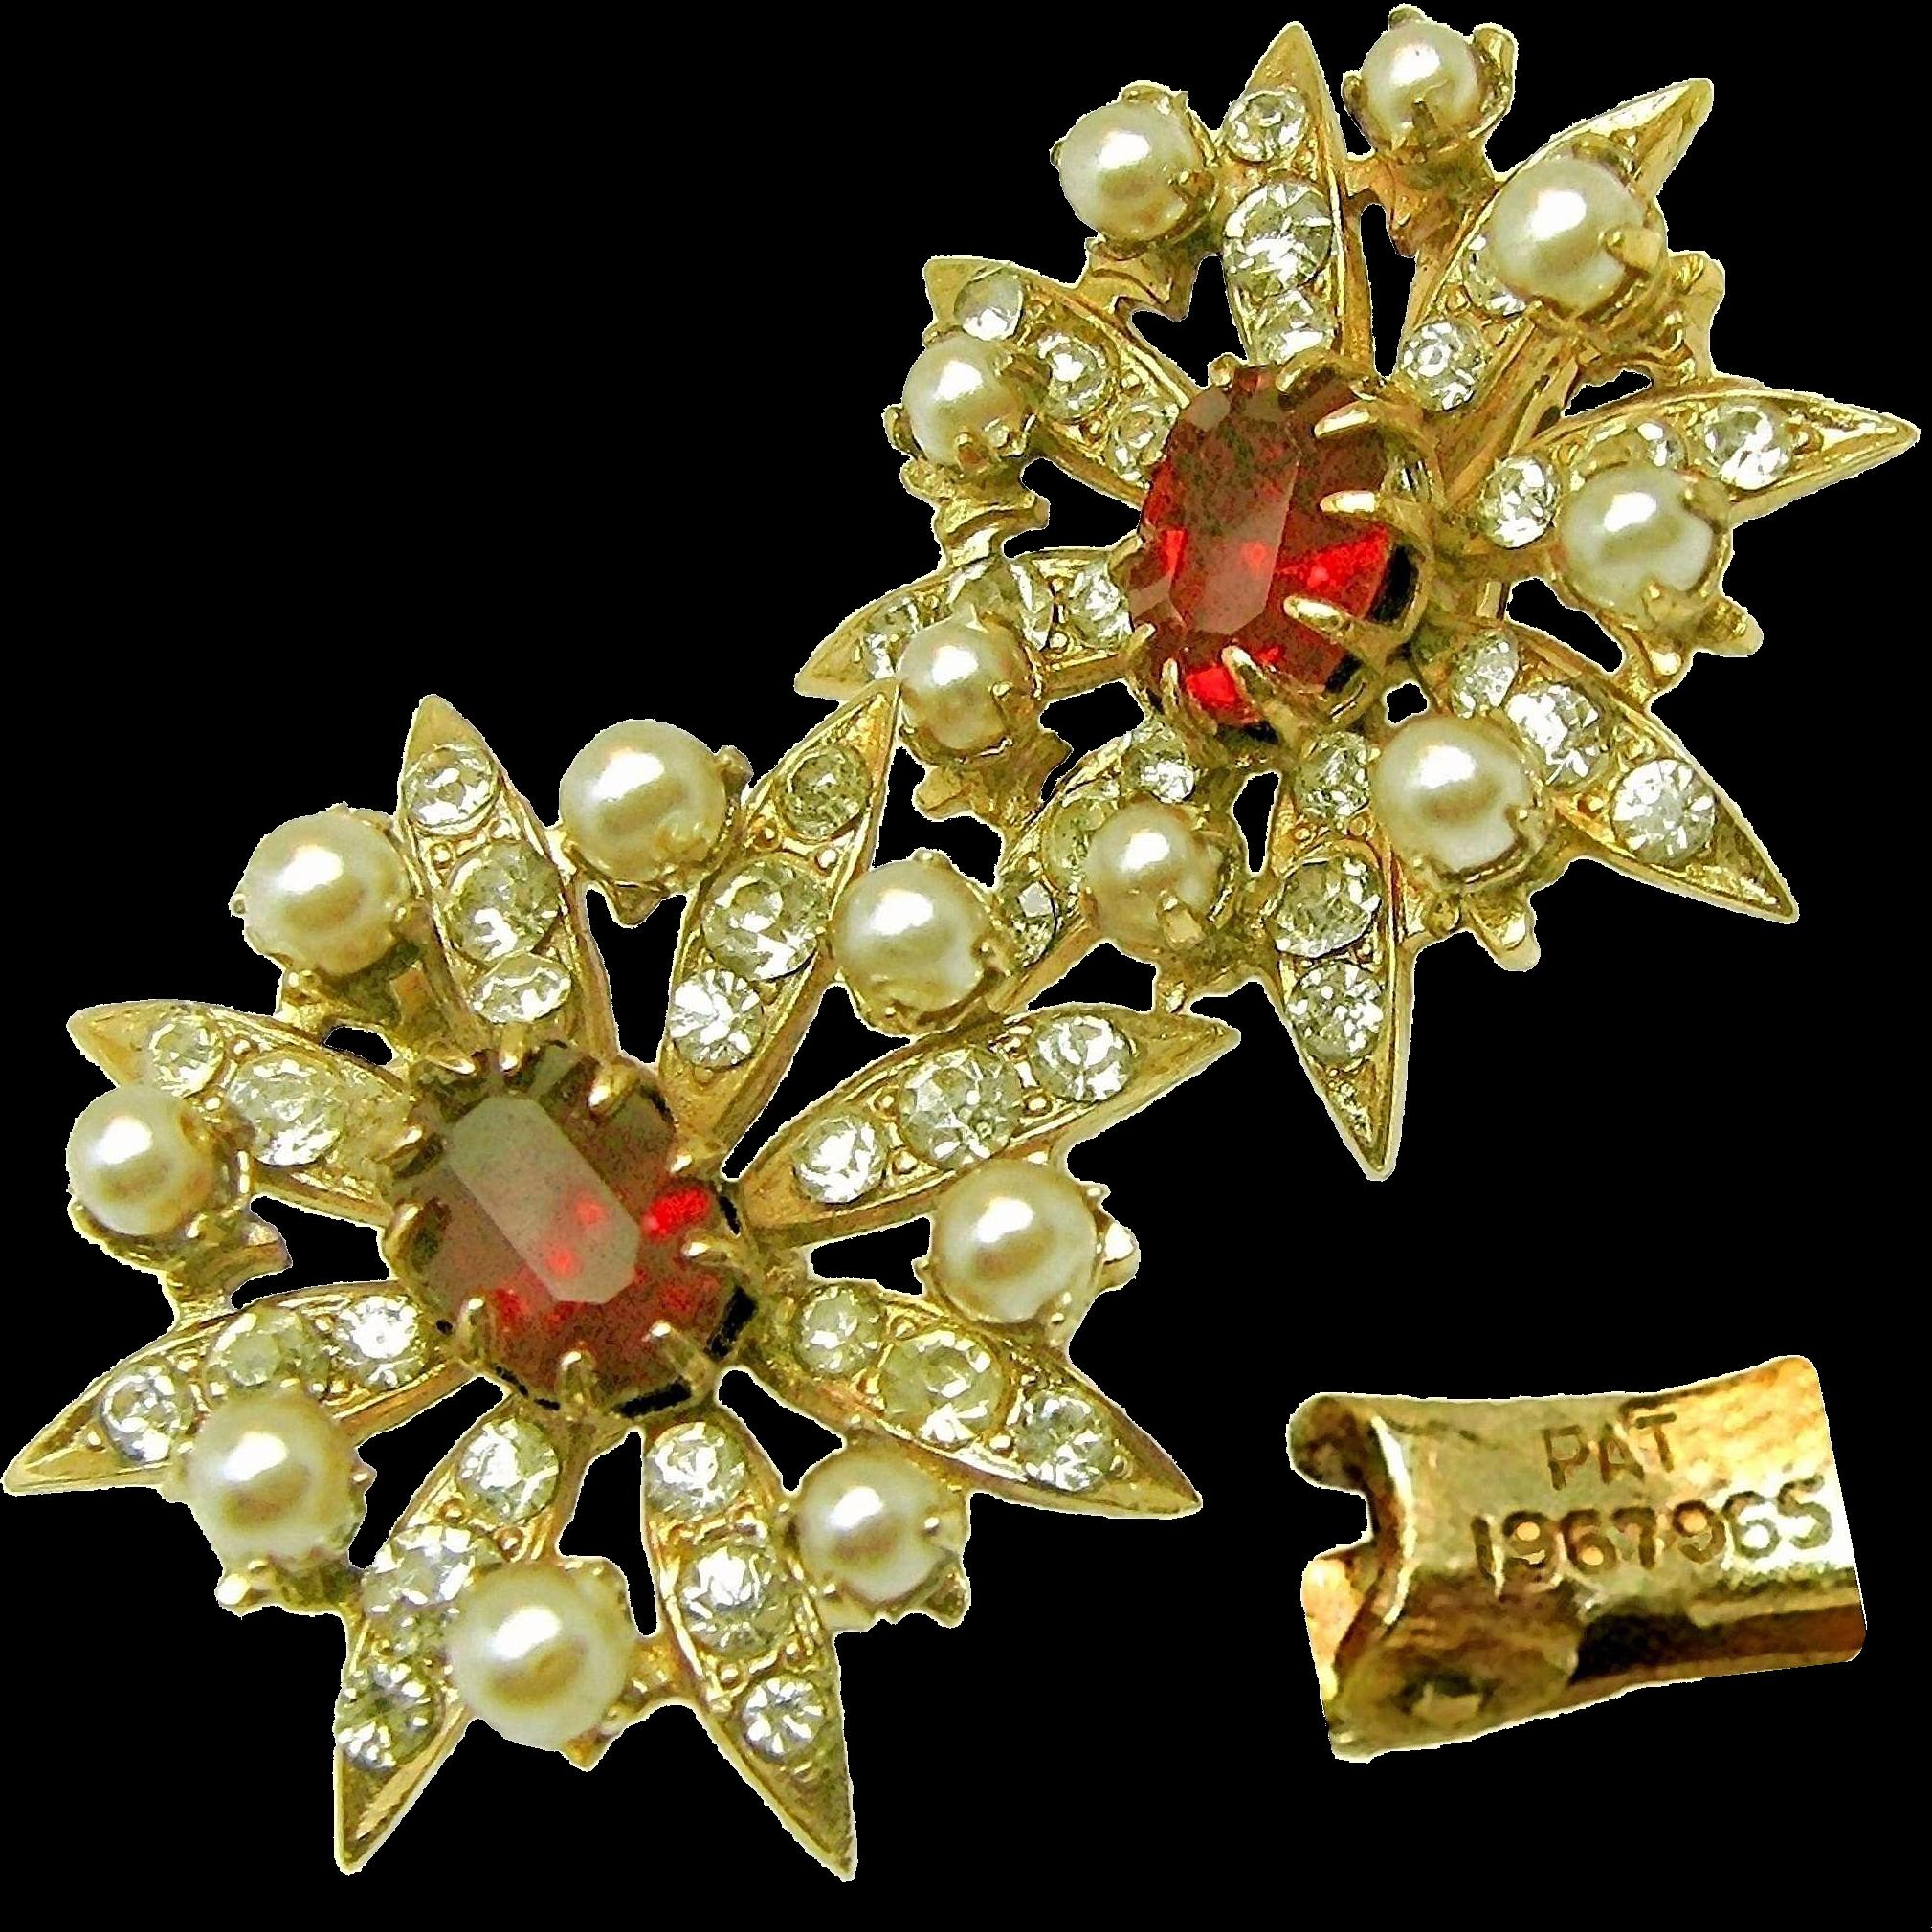 Vintage Victorian Revival Ruby Paste Stone Earrings w/ Rhinestones Pat.1967965 c.1930's